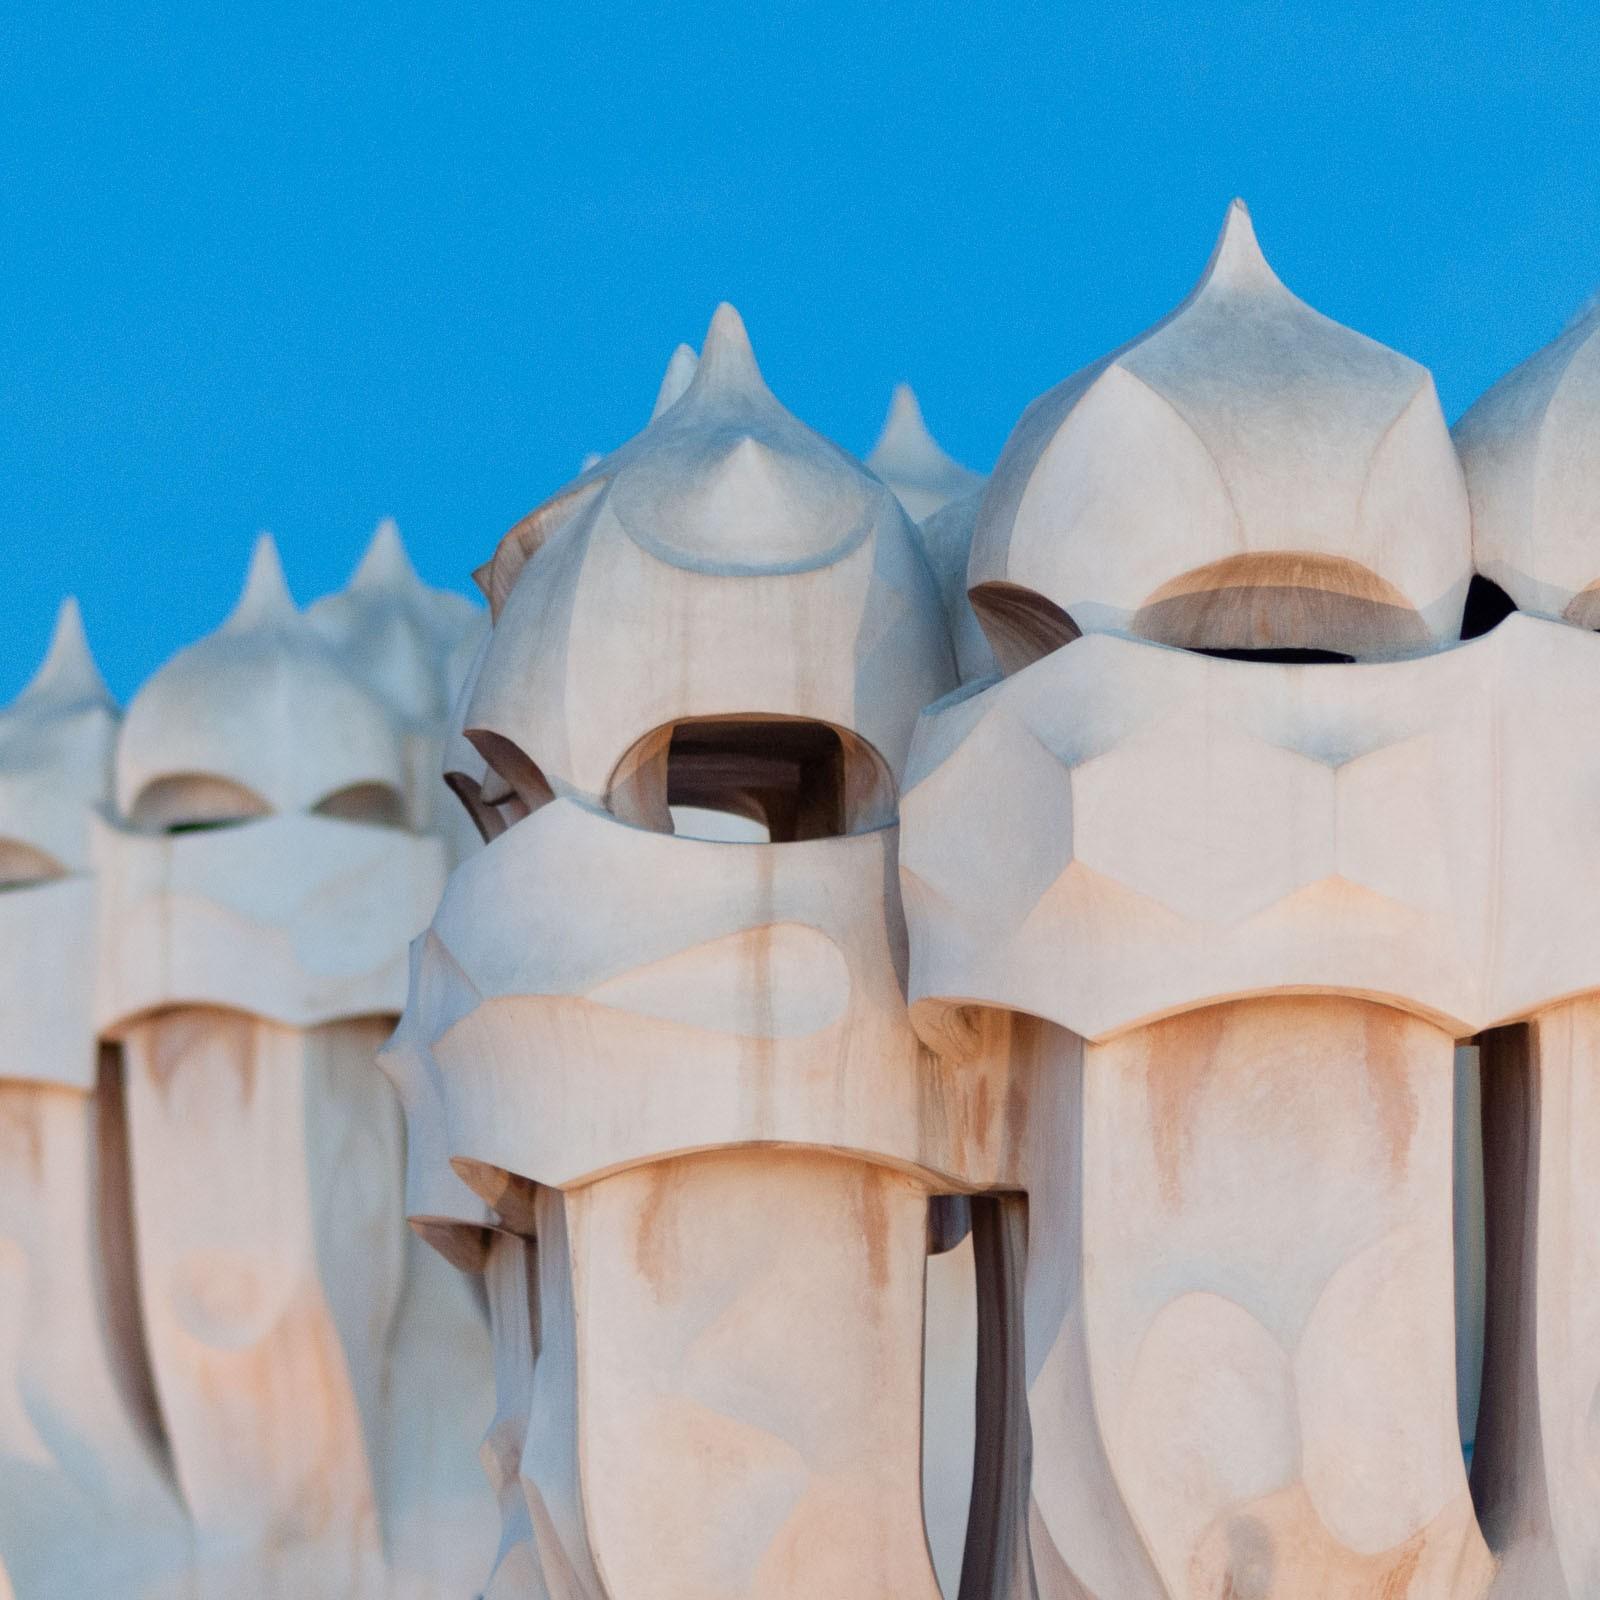 Inspiratie gaudi in barcelona vink academy - Ontwikkel een grote woonkamer ...